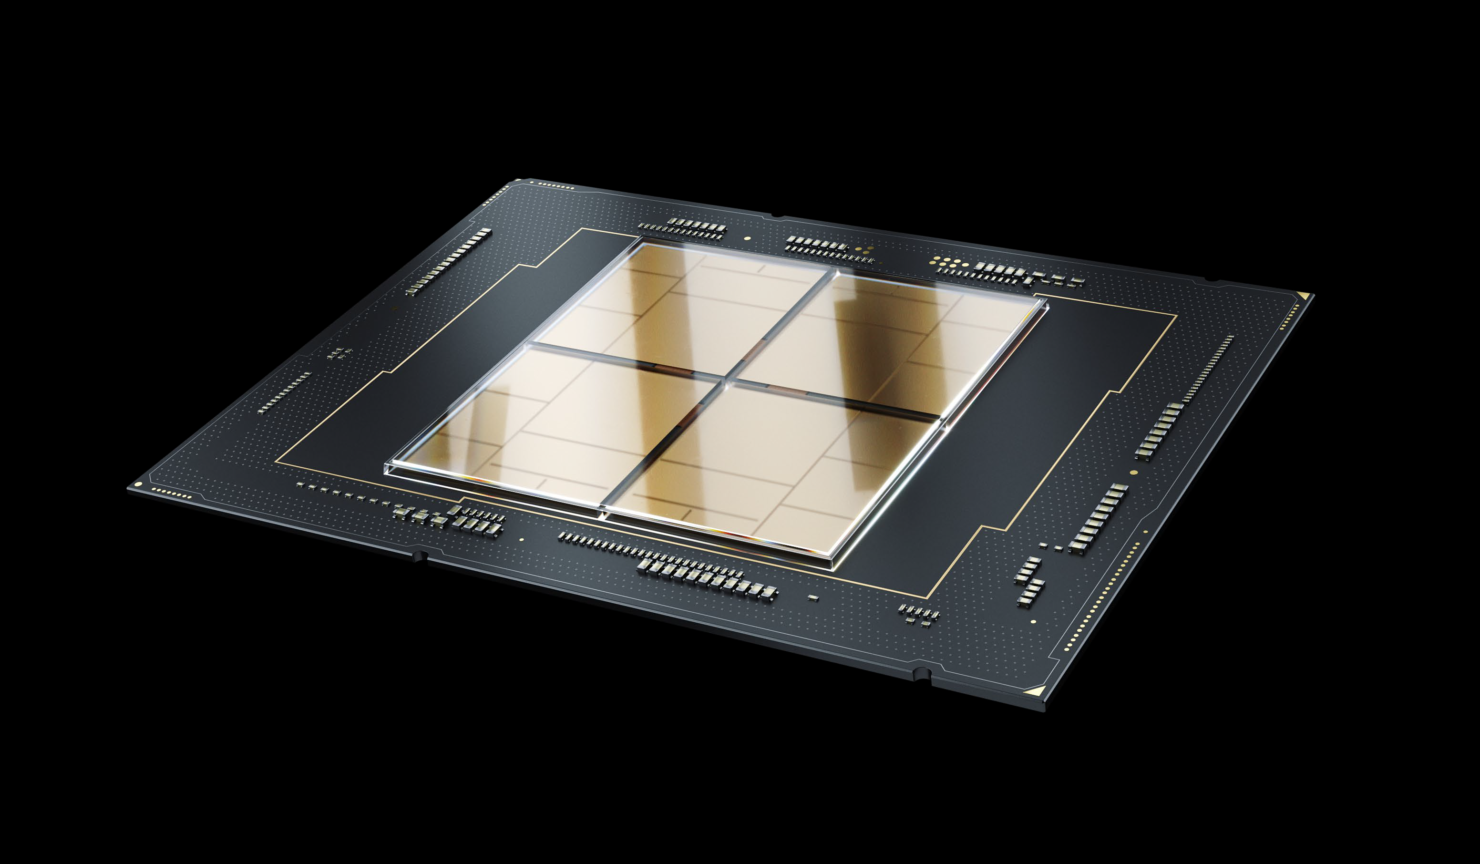 Intel Emeralds Rapids-SP, Granite Rapids-SP & Diamond Rapids-SP Xeon CPUs Detailed